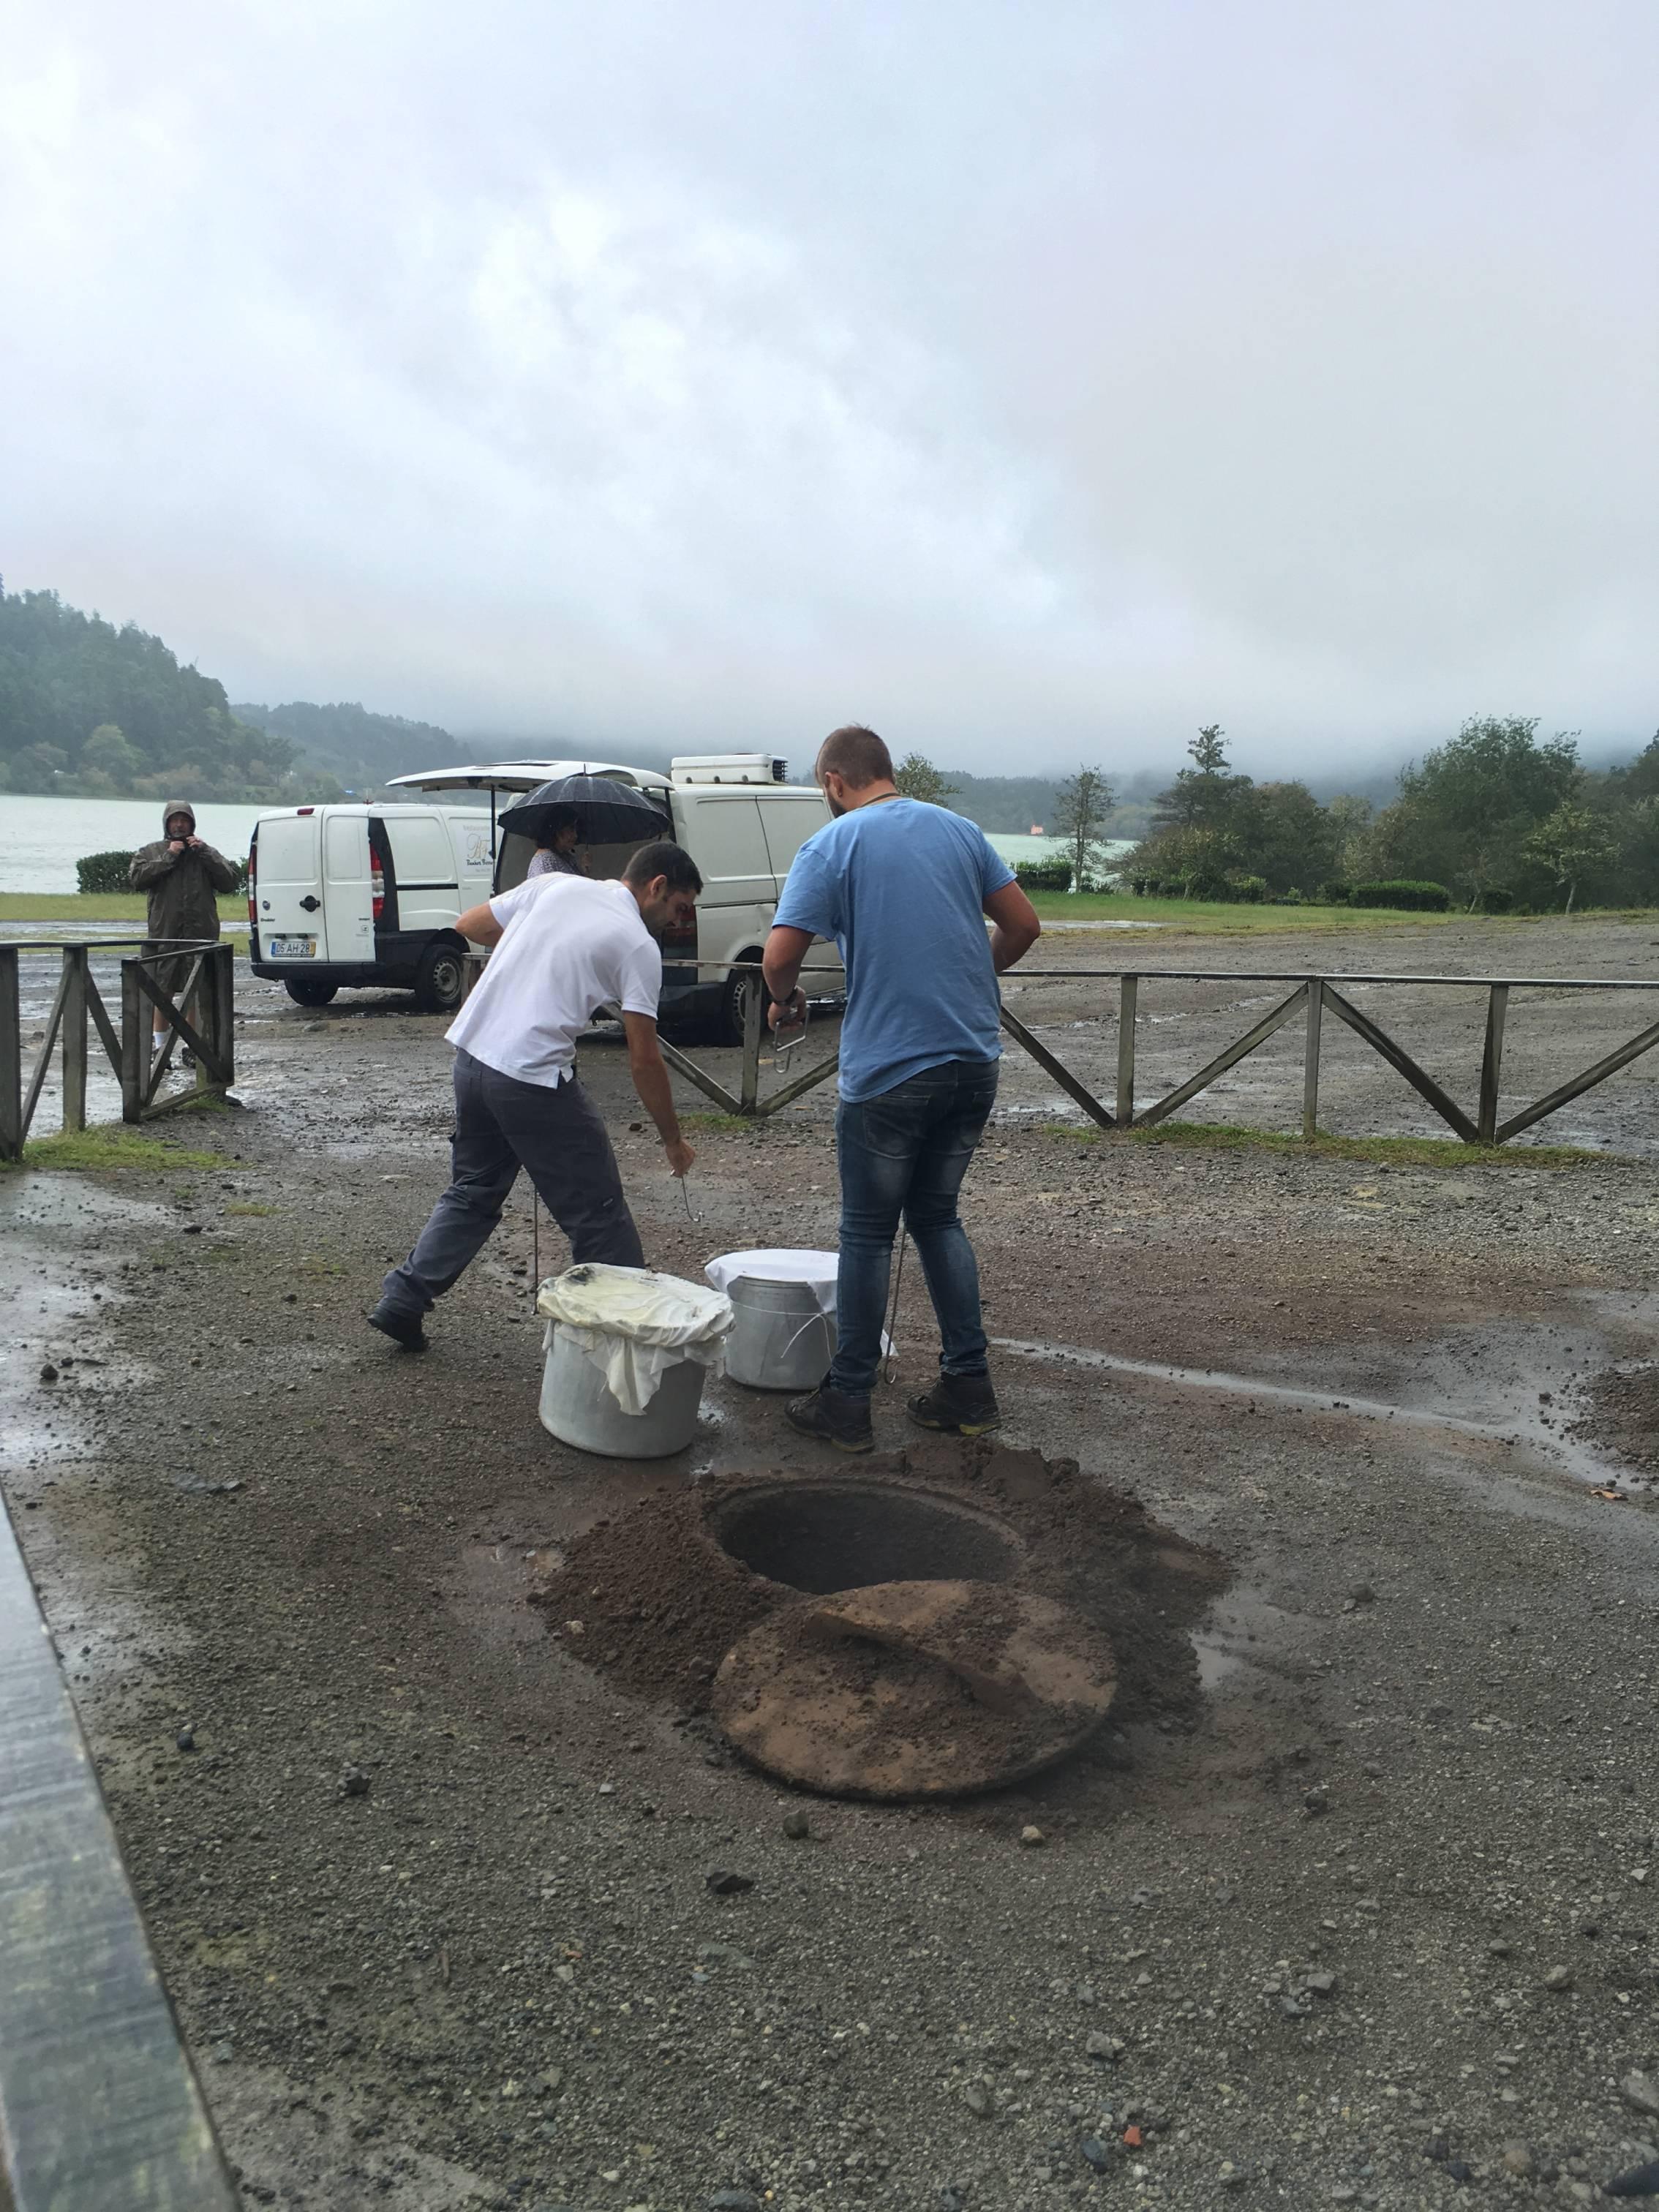 Photo 2: Pot au feu cuit à la chaleur de la terre, furnas